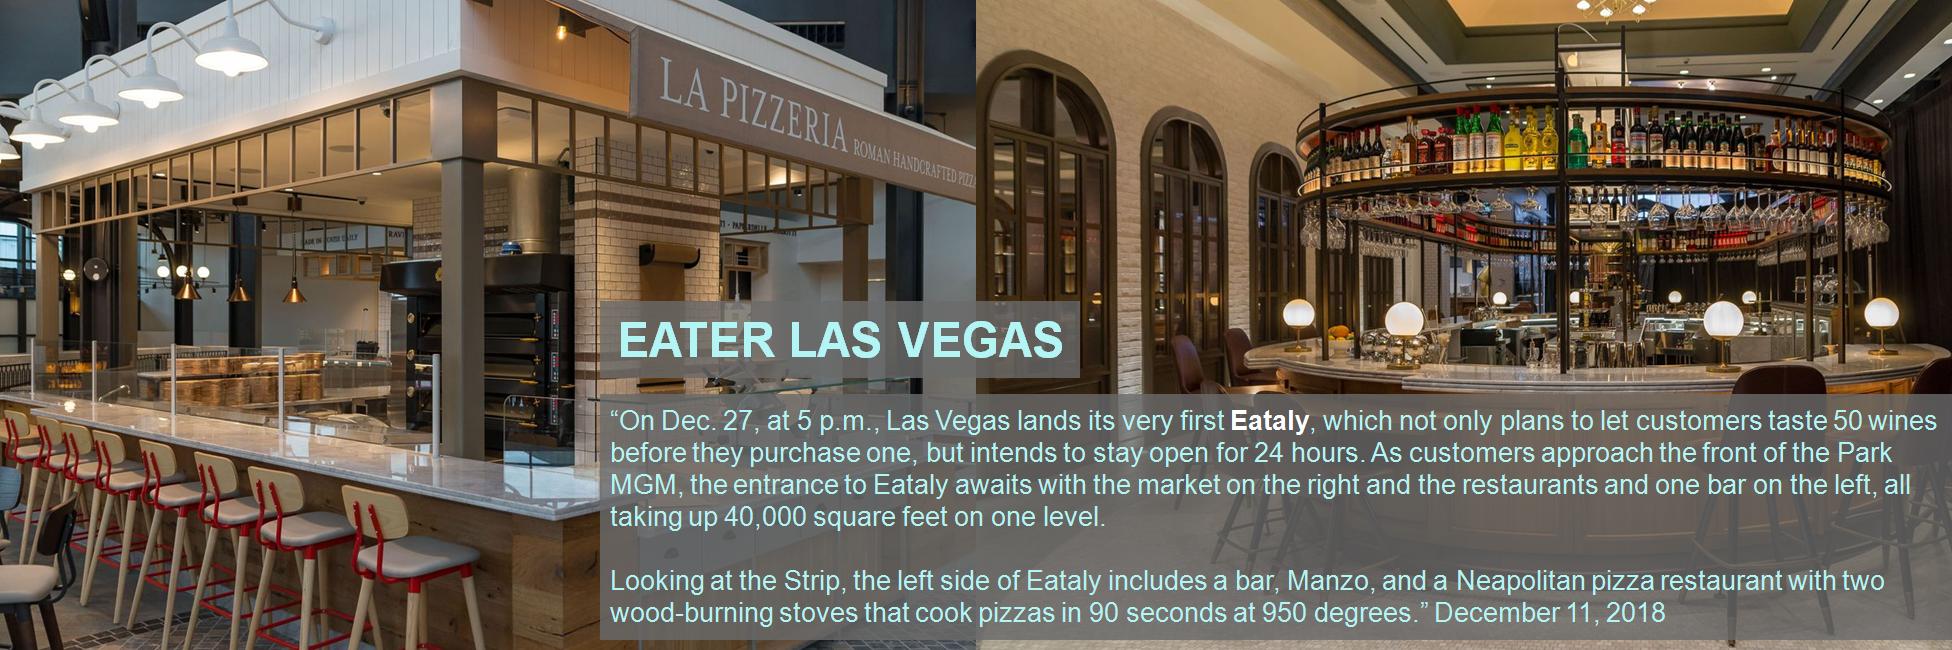 Eater Las Vegas Dec 11 2018 Eataly.png